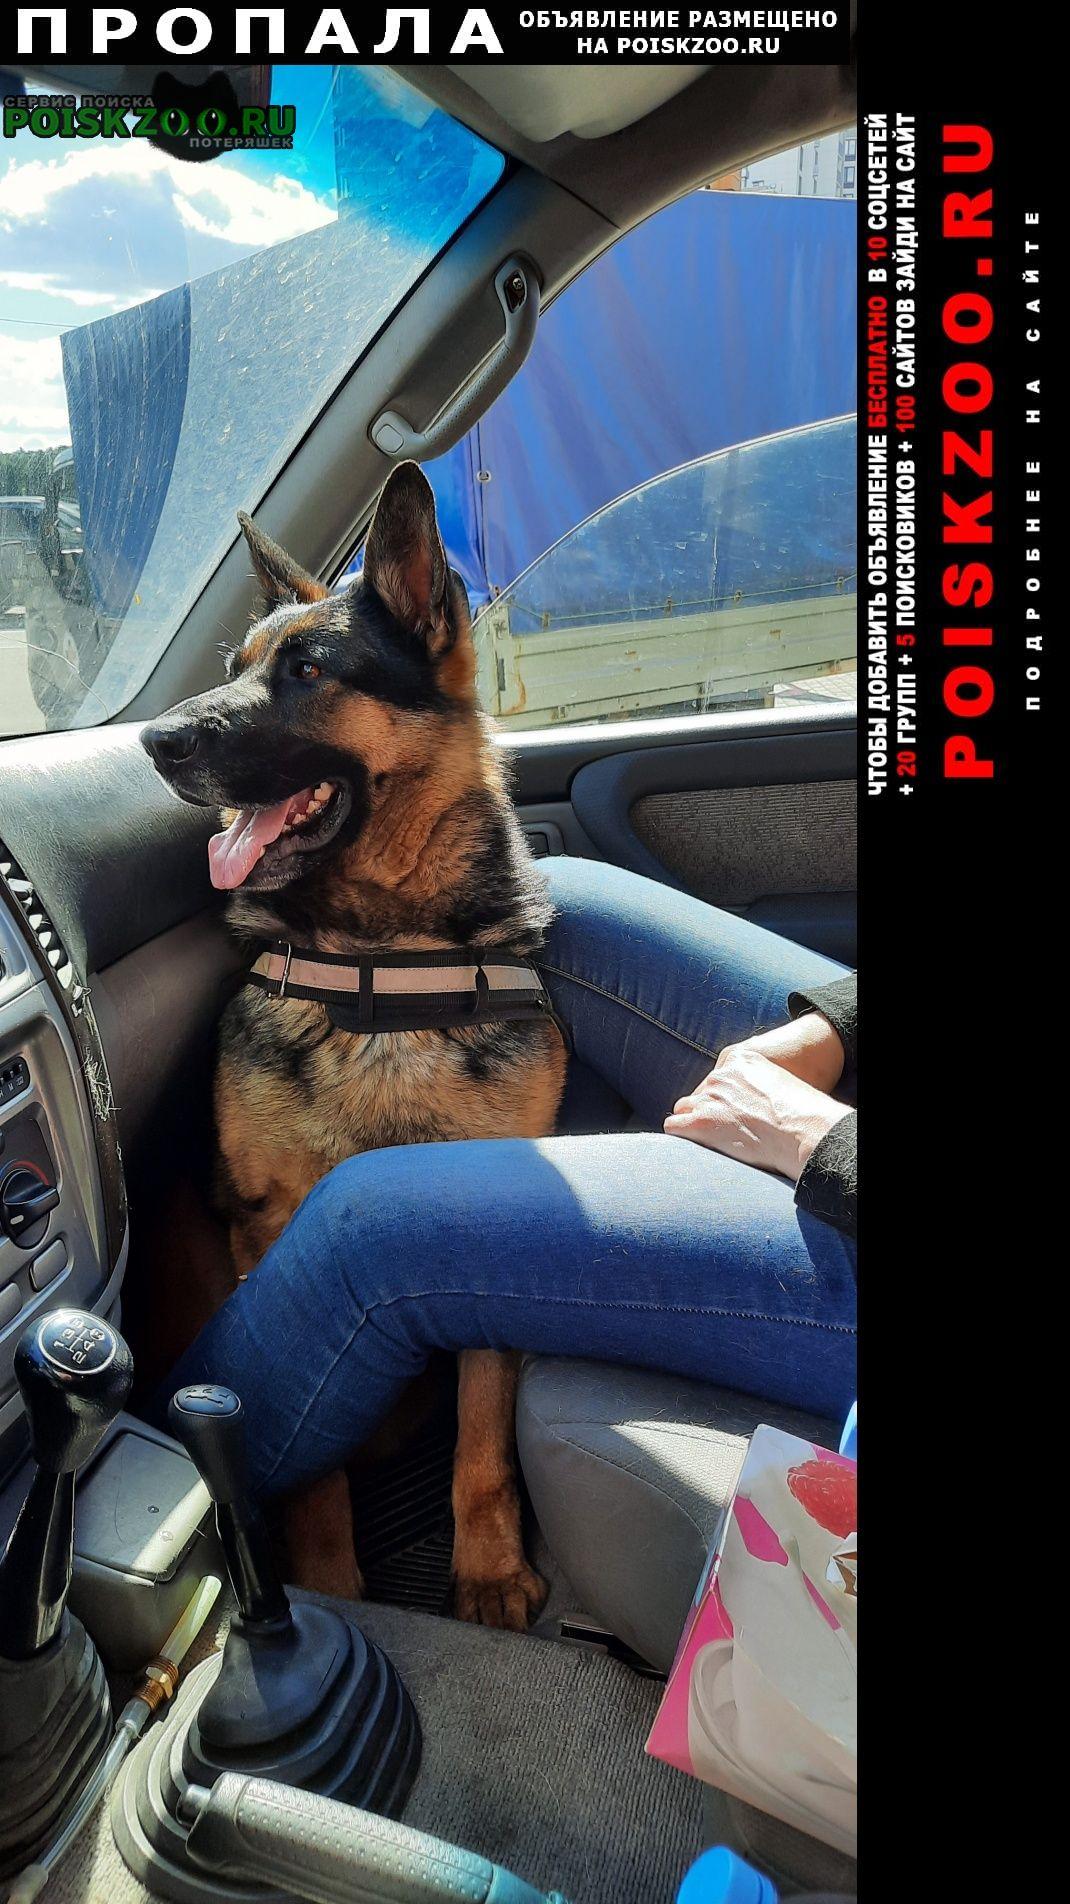 Пропала собака немецкая овчарка 2 года кличка чара Пироговский